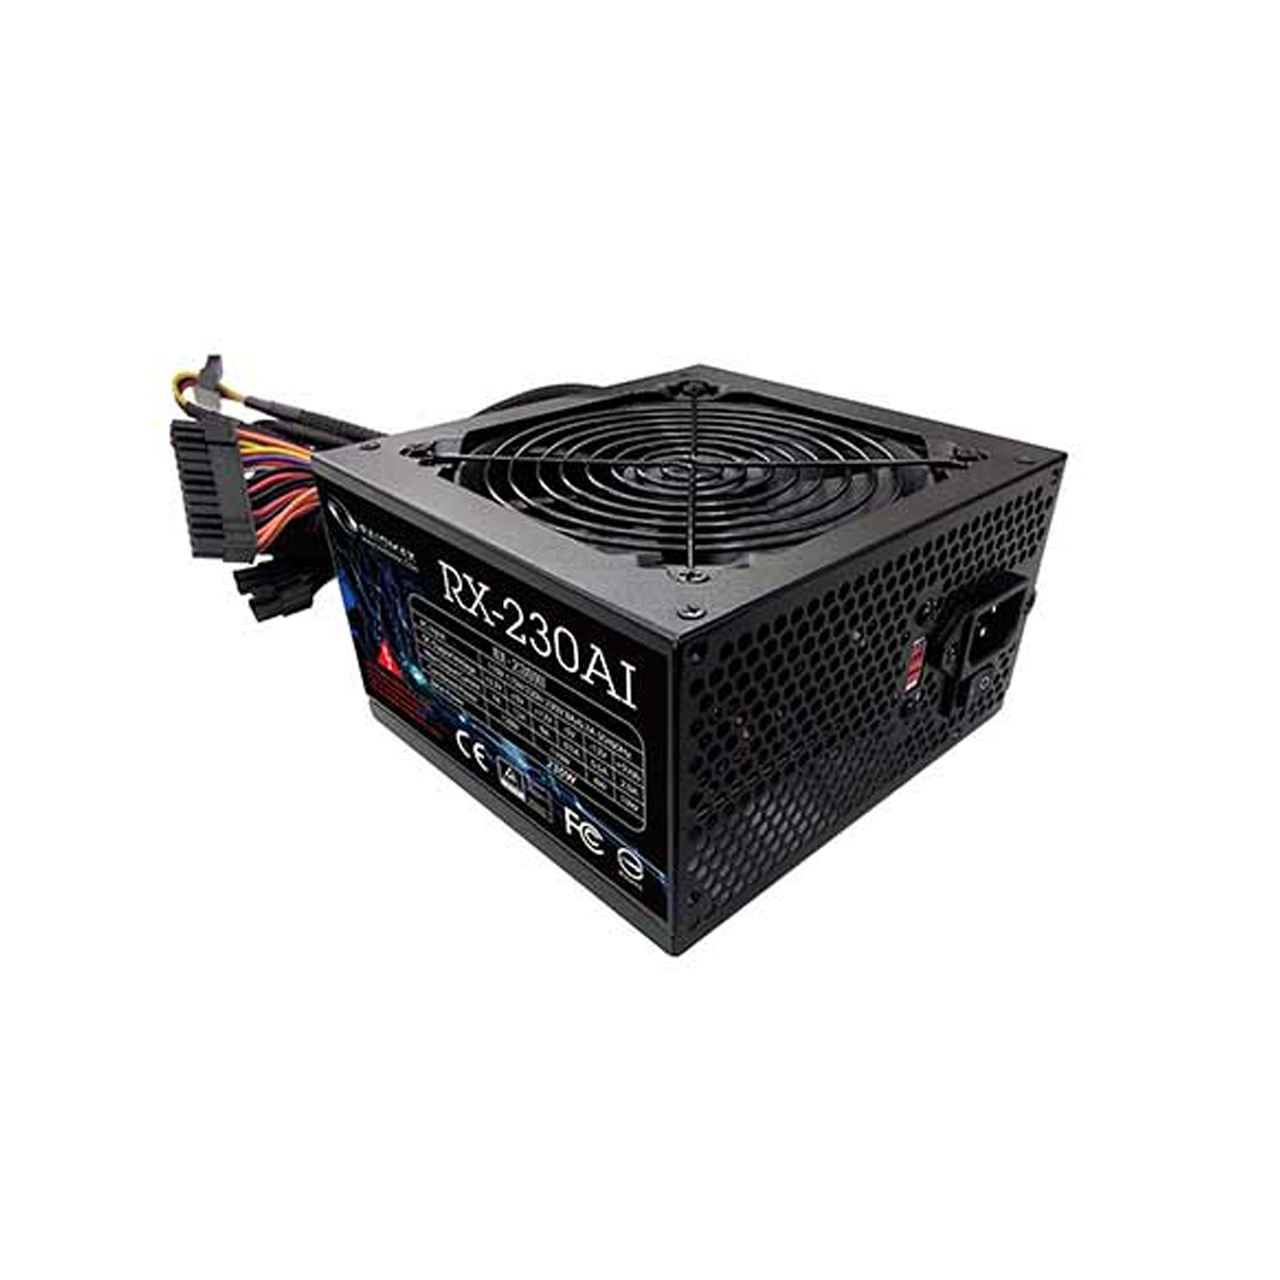 تصویر منبع تغذیه کامپیوتر ریدمکس مدل RAIDMAX POWER RX-230AI